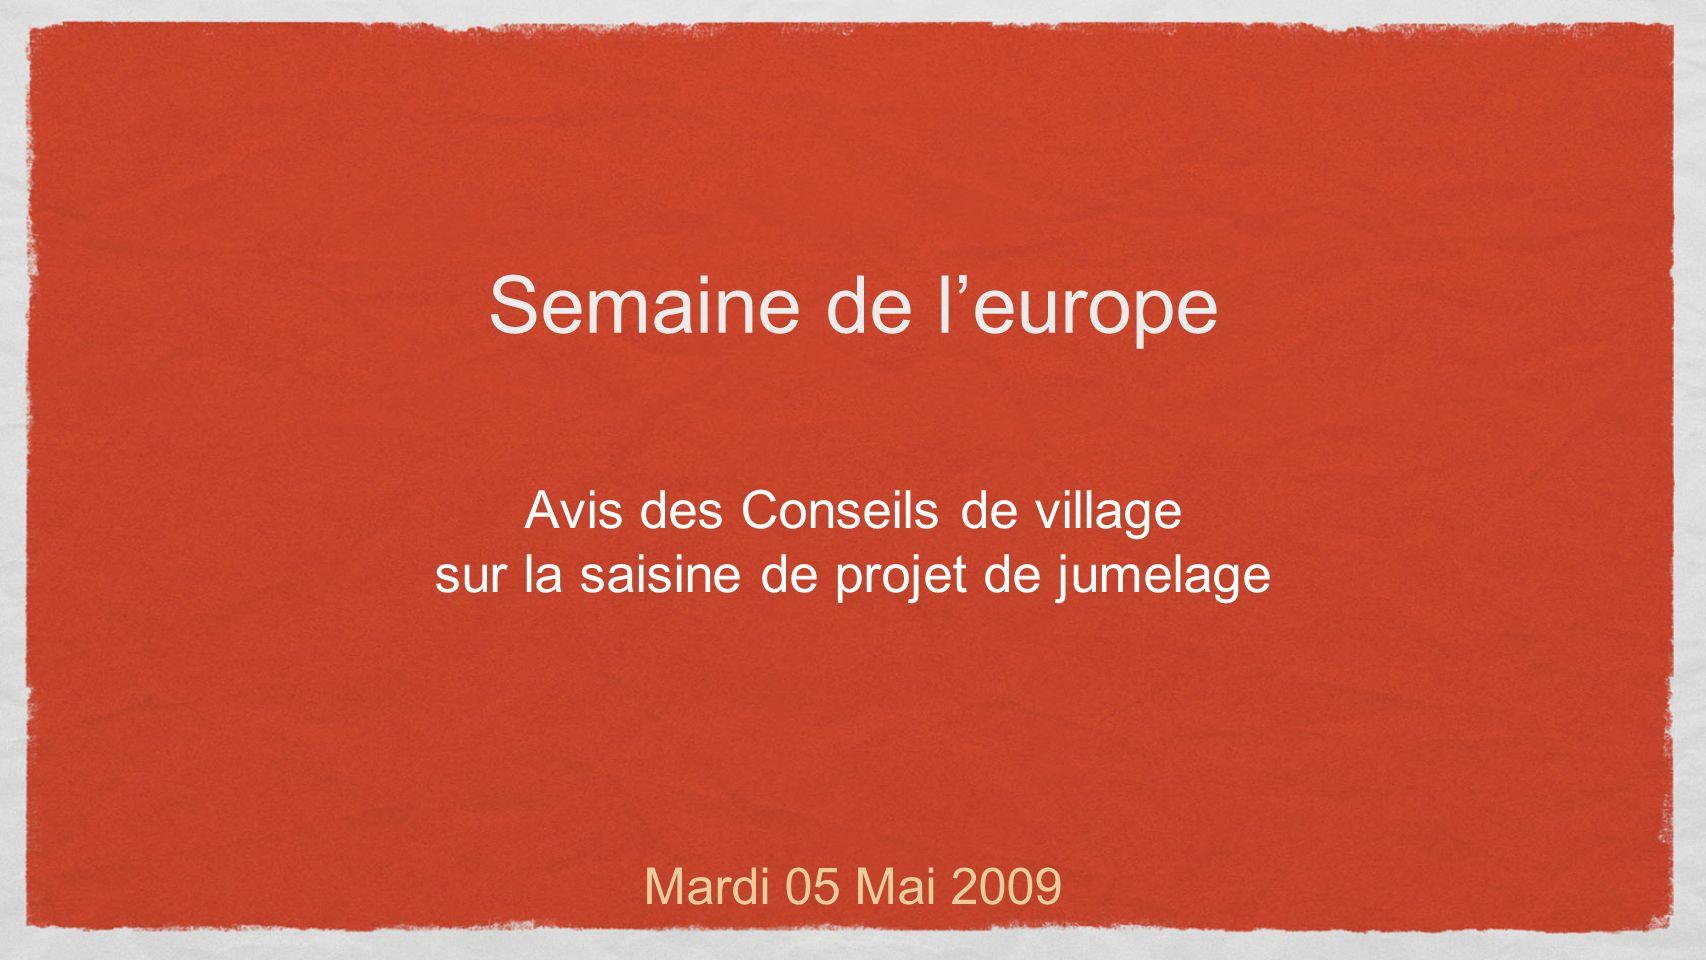 Projet de jumelage de Bouchemaine: Vallée moyenne du Haut Rhin Commune Rhens Trône royal (1400)